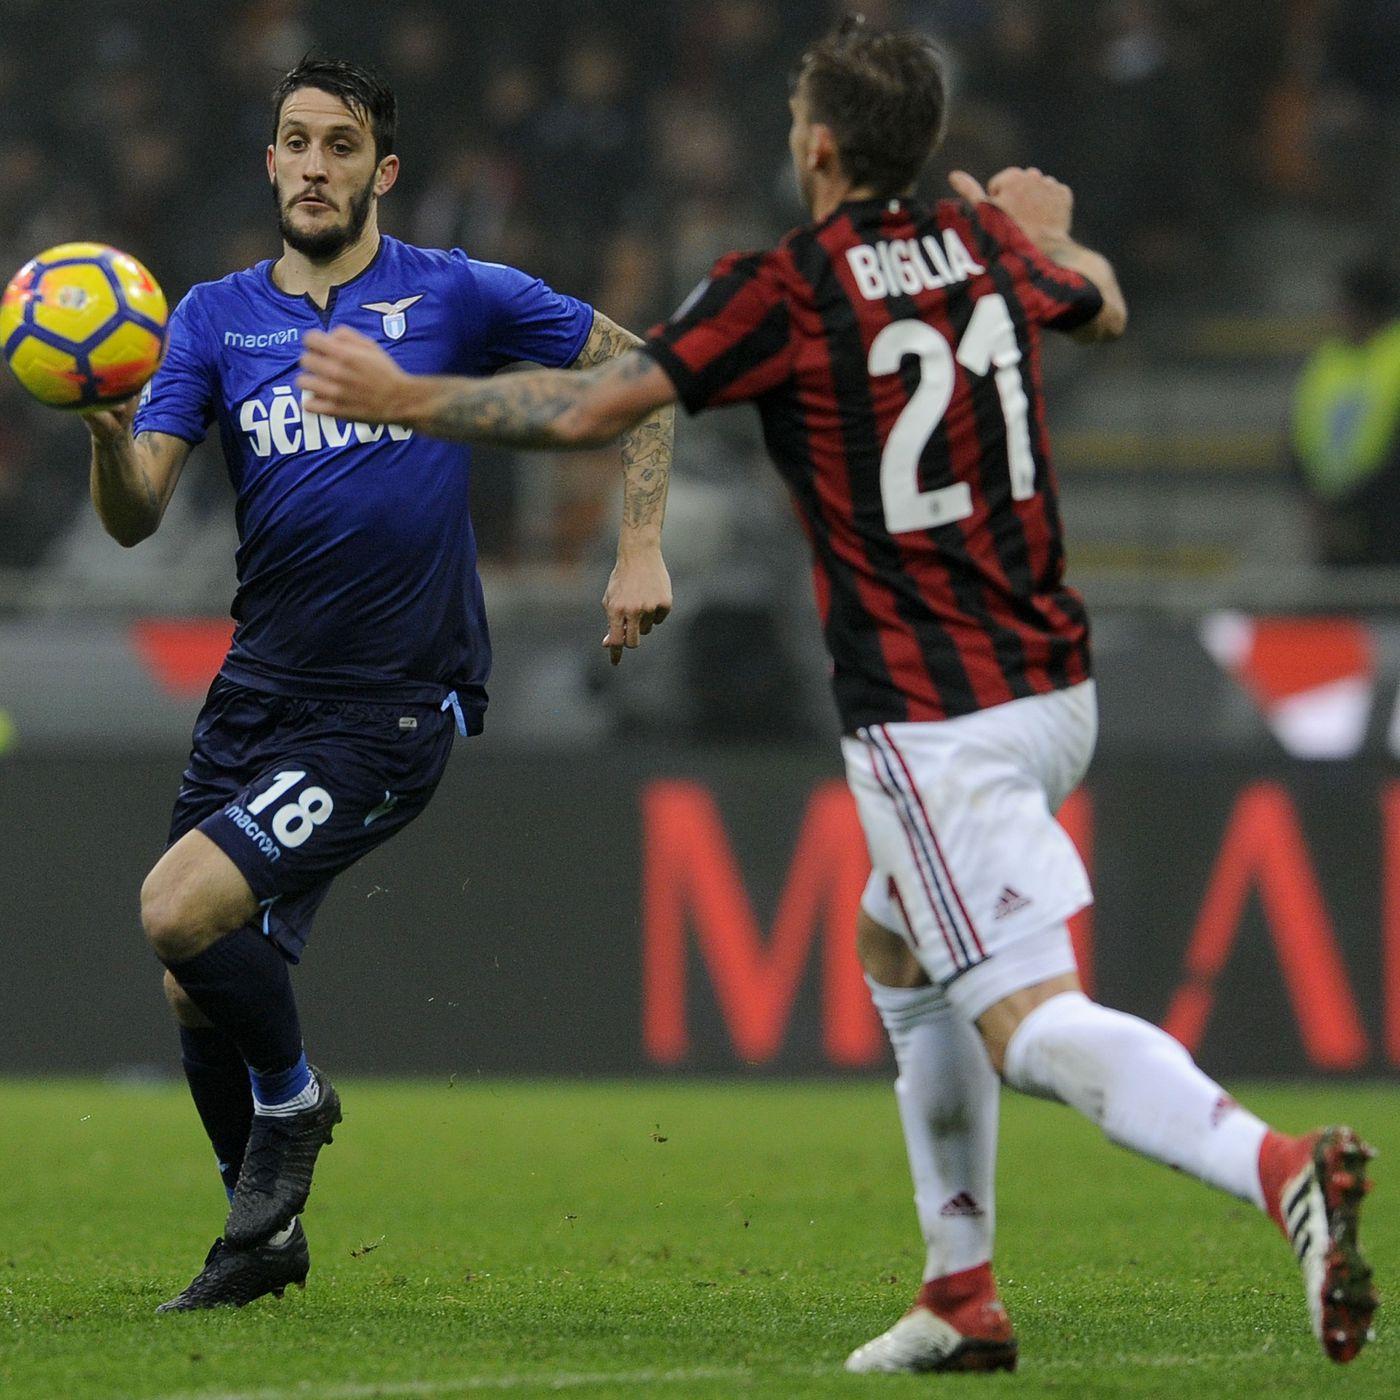 Coppa Italia Match Thread: AC Milan must overcome Lazio hurdle to reach  finals - The AC Milan Offside